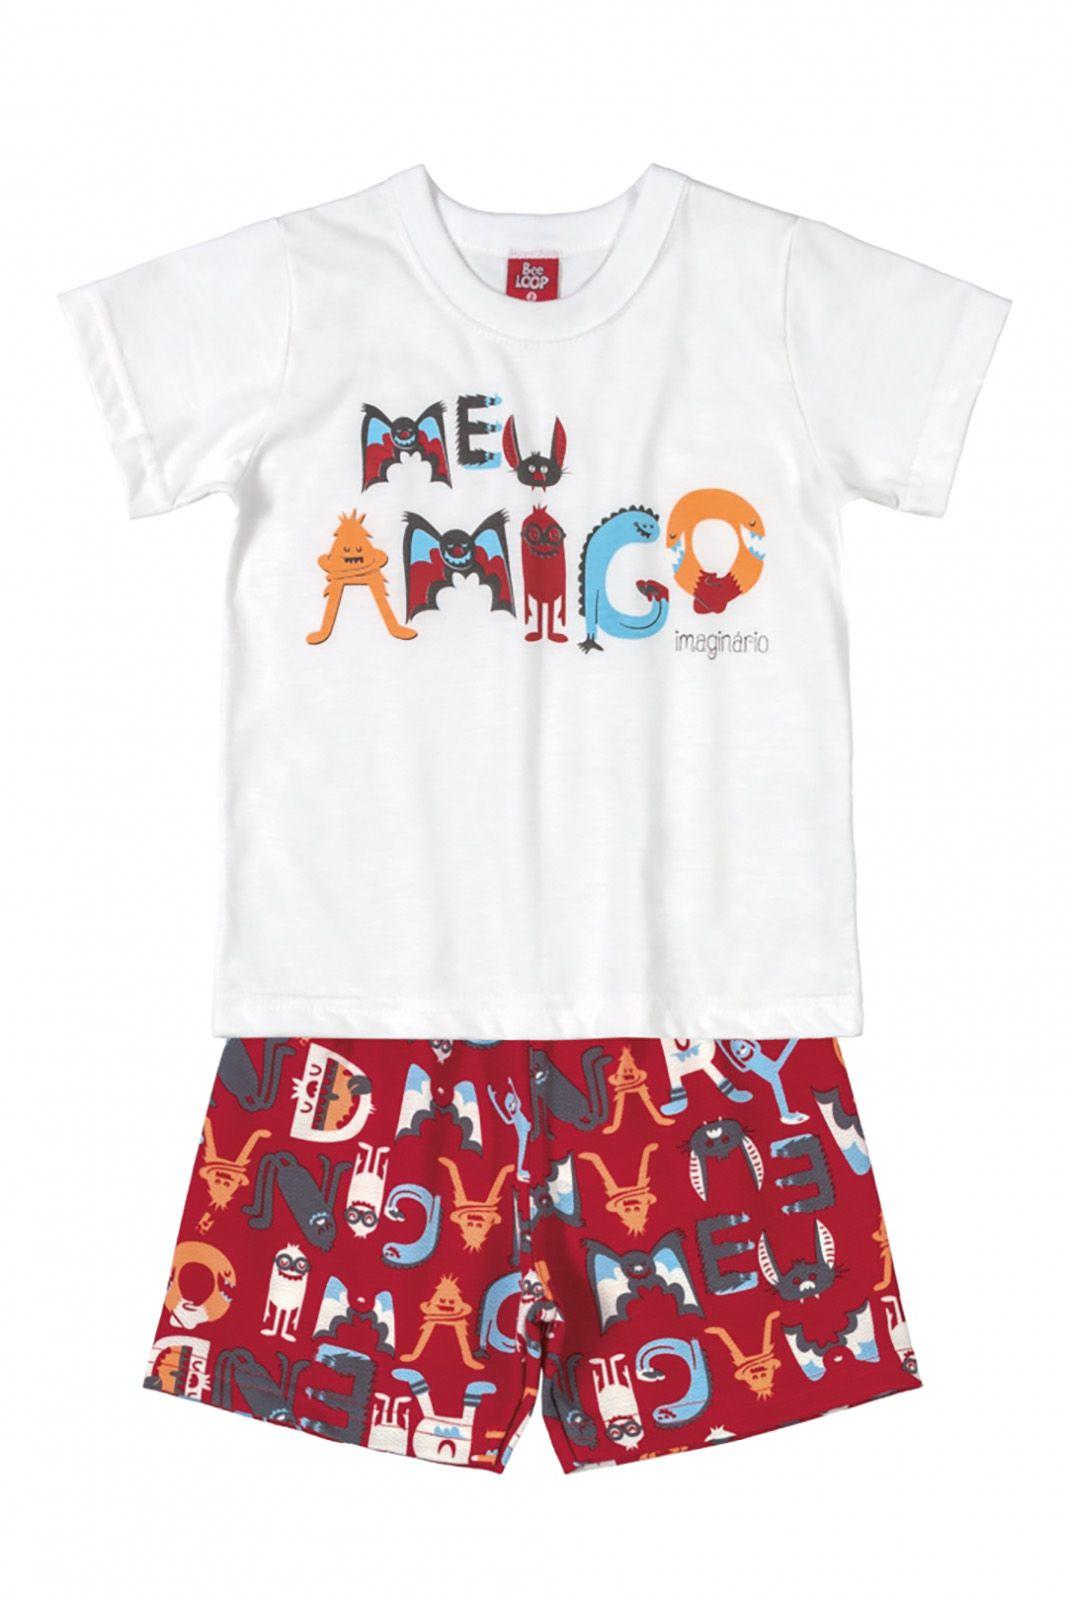 Conjunto Infantil Camiseta e Bermuda Moletinho Bee Loop Meu Amigo Branco/Vermelho